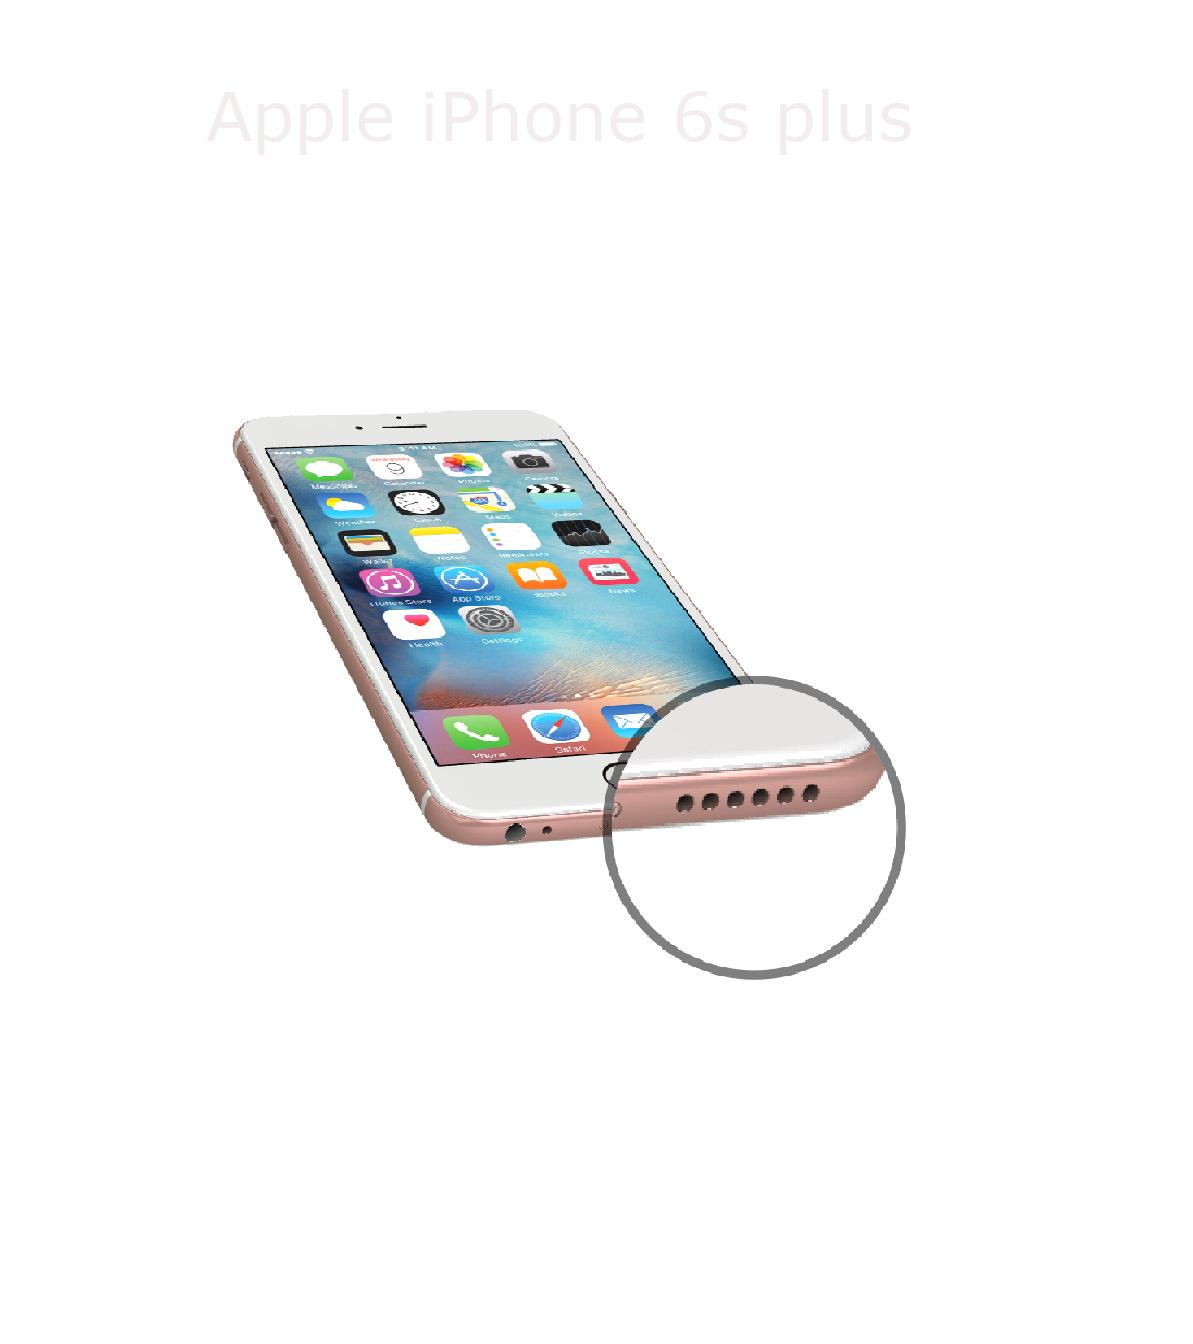 Laga högtalare iPhone 6s plus